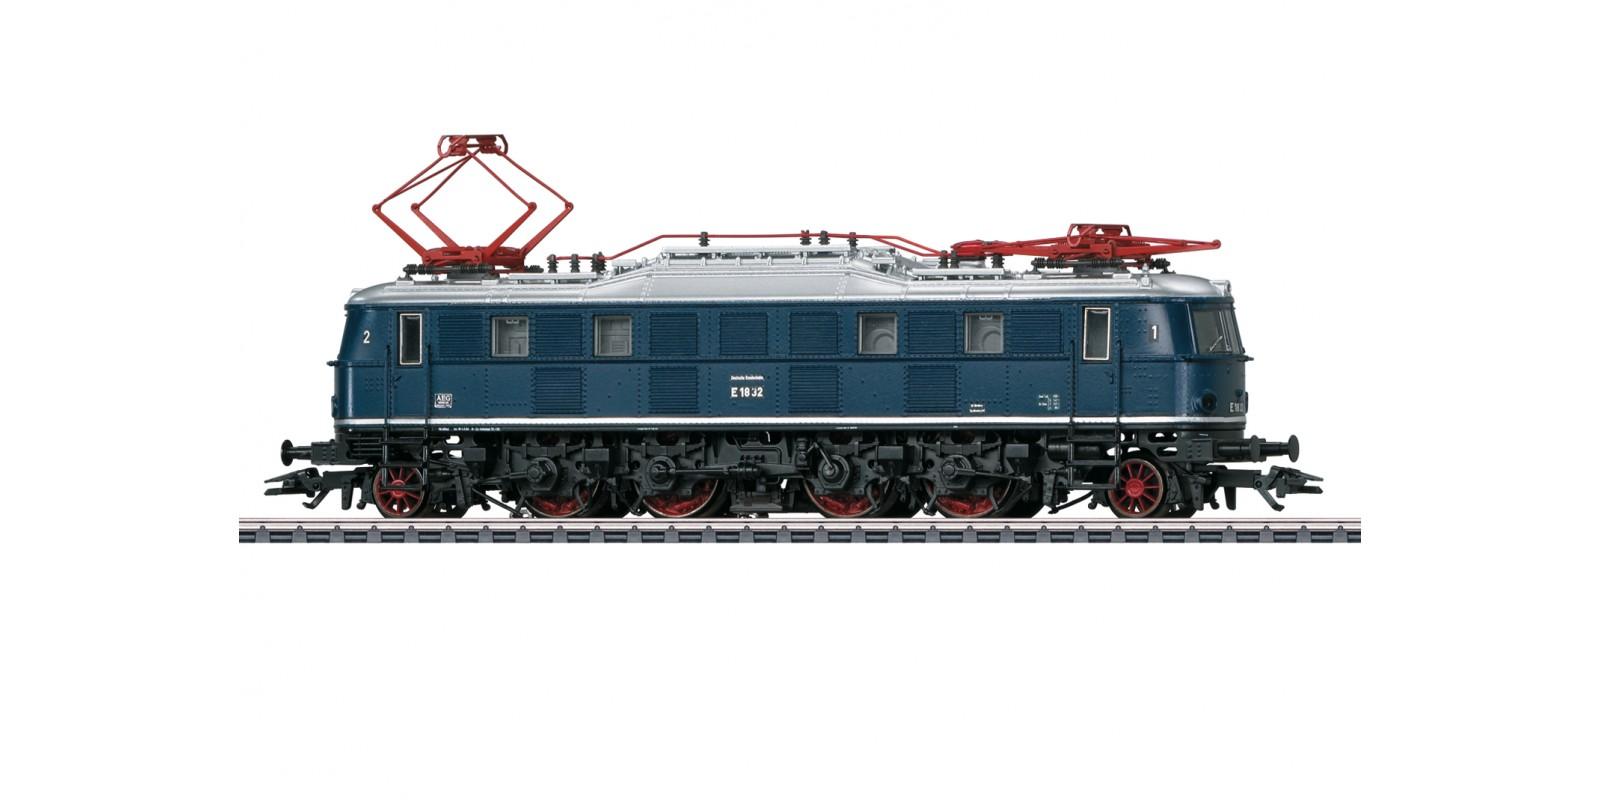 39683 Class E 18 Electric Locomotive